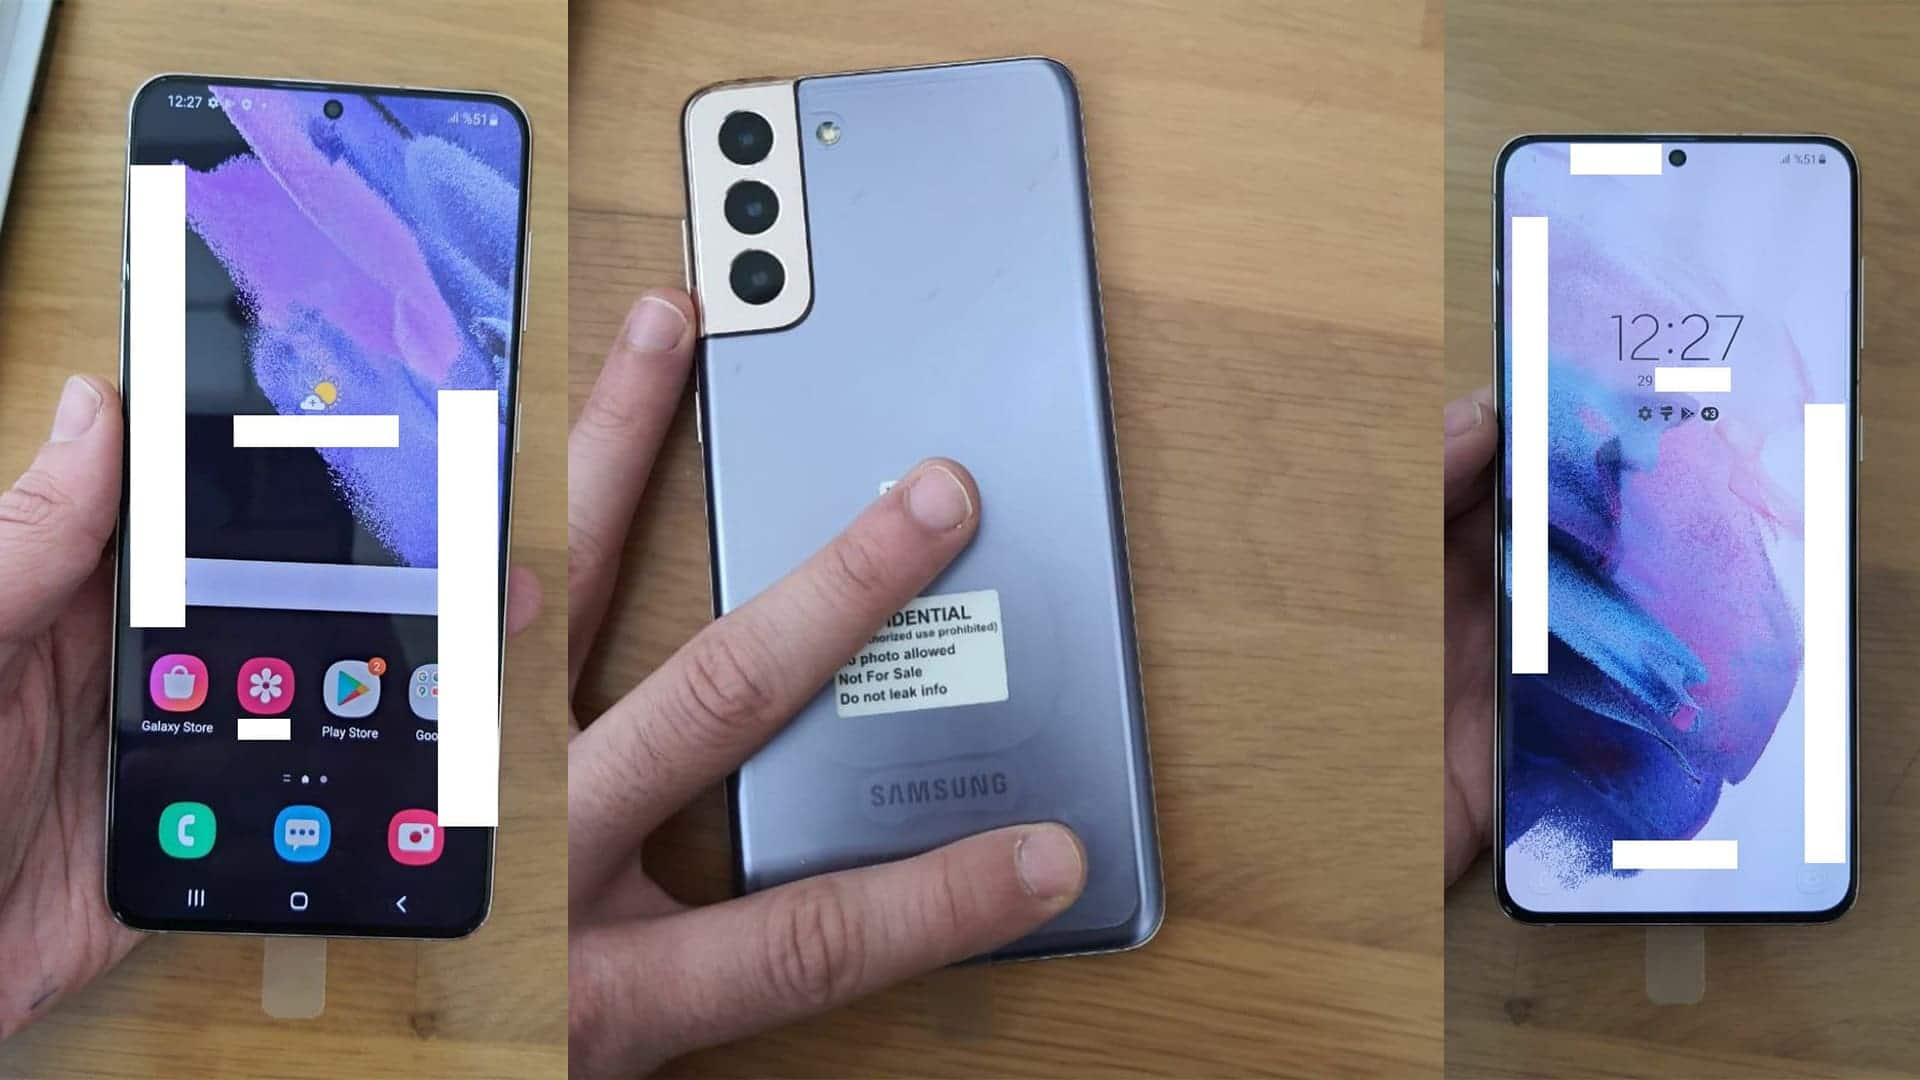 filtrado-Samsung-Galaxy-S21+-fotos-reales